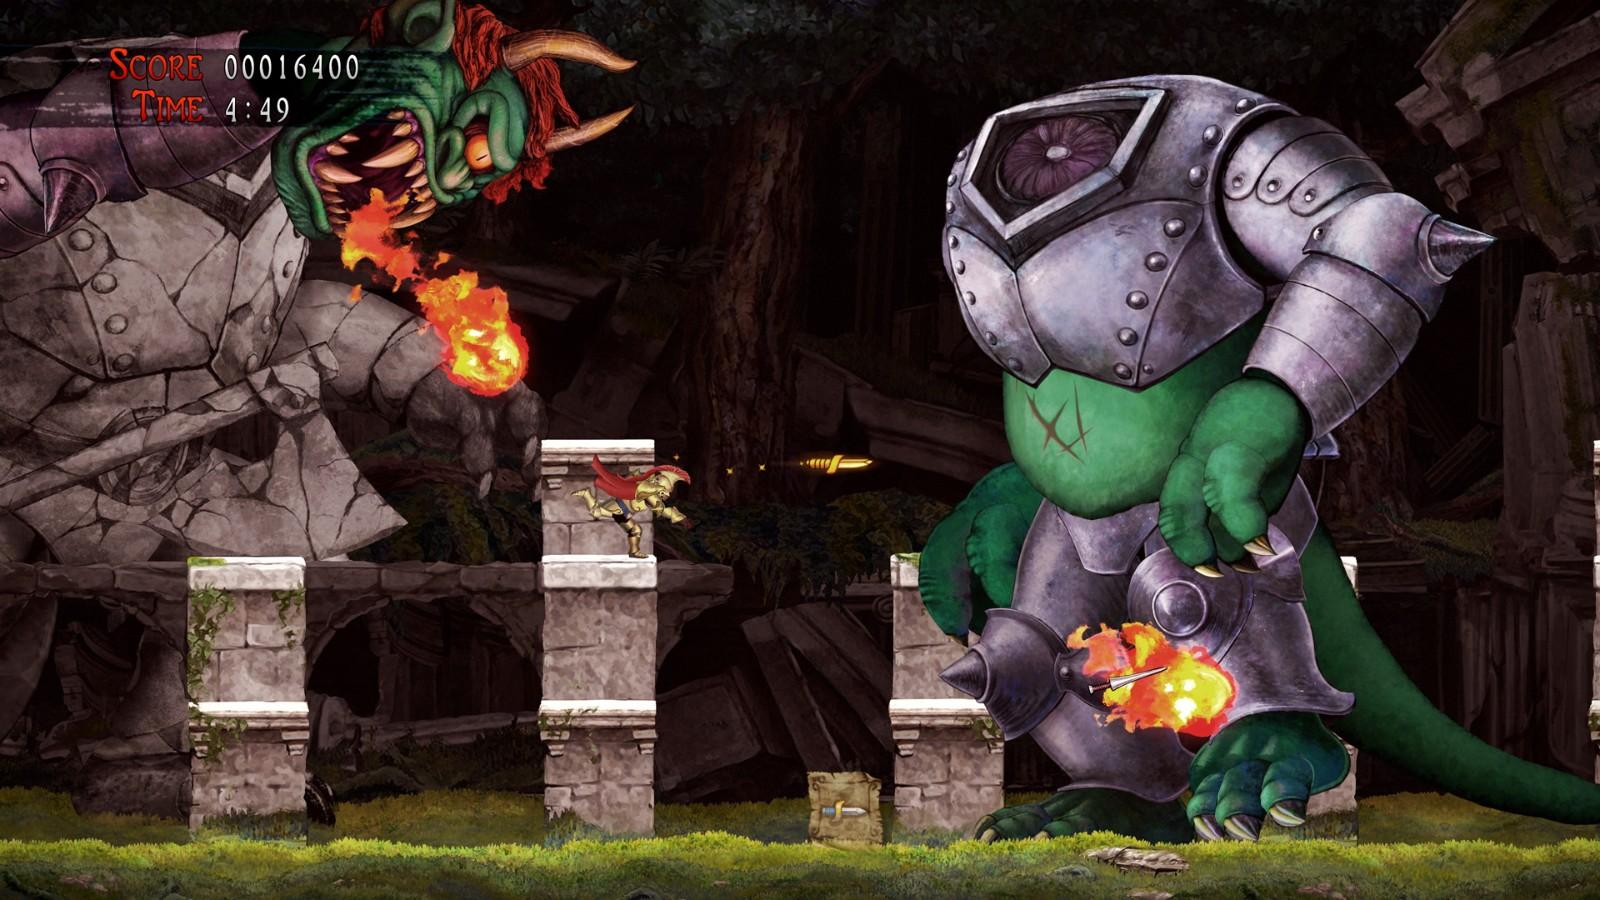 《經典回歸:魔界村》新預告 6月1日發售 售價198元